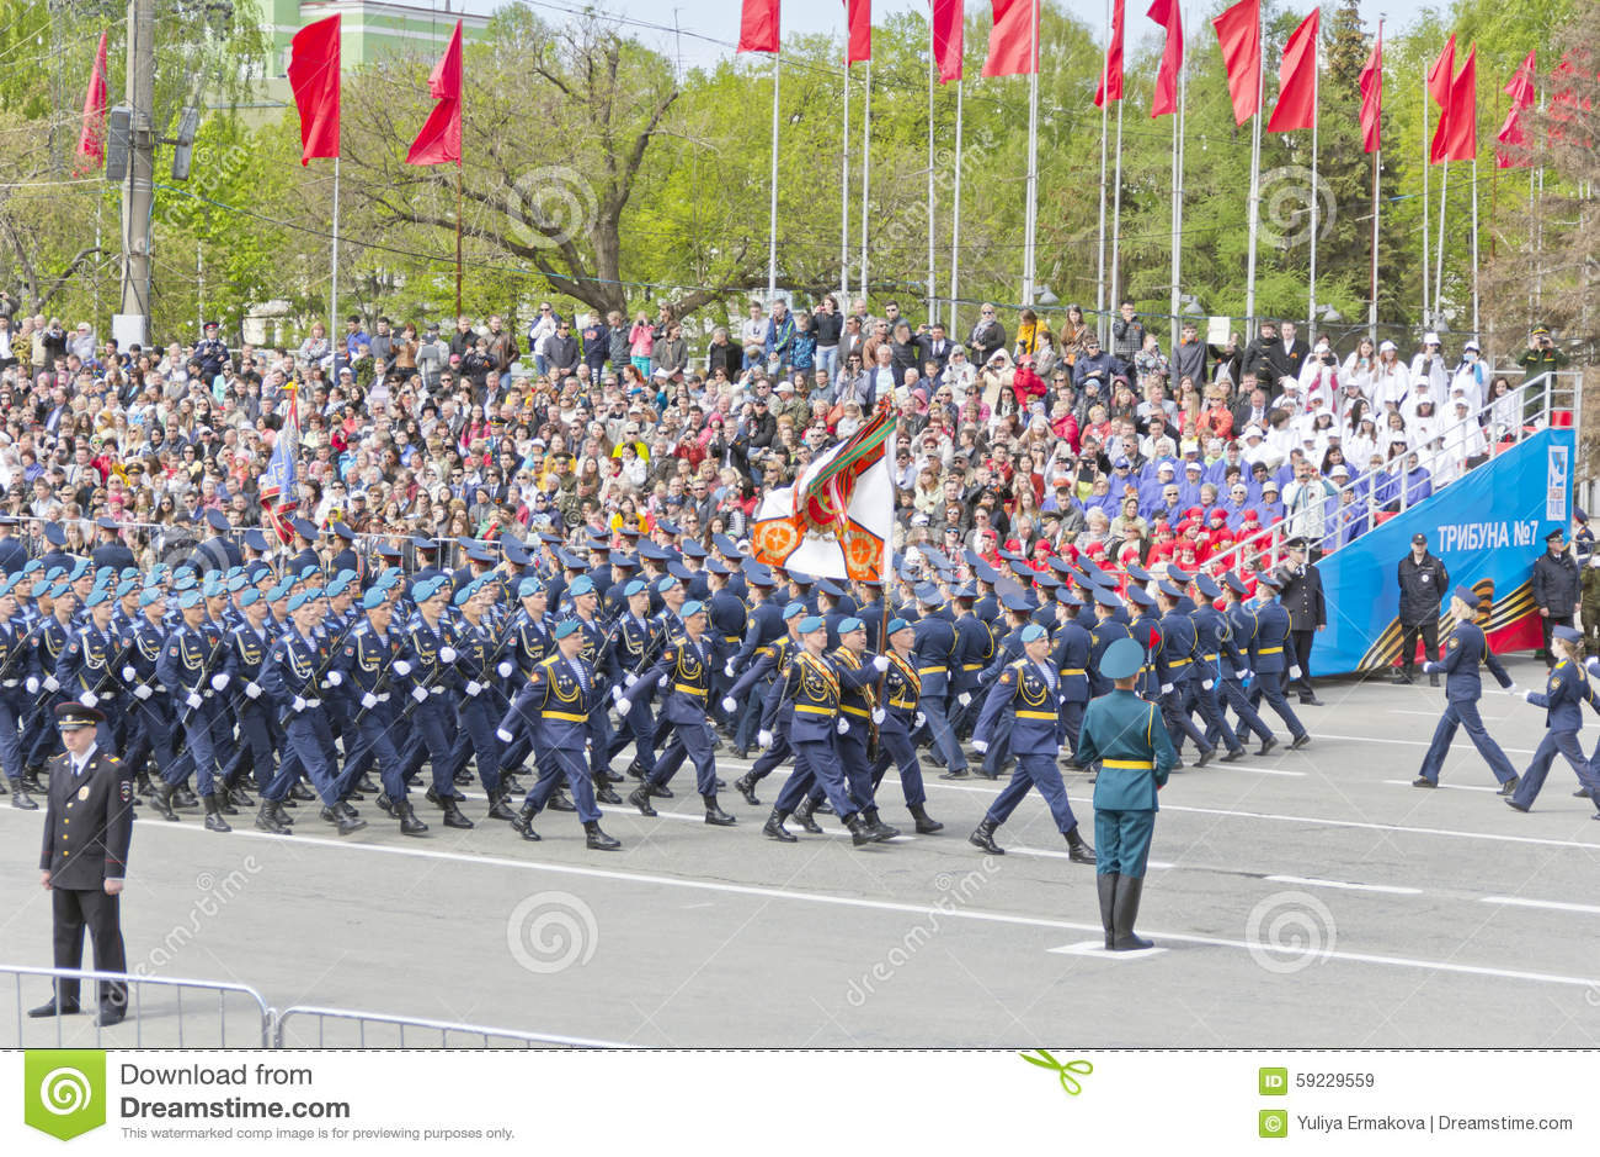 Download Los Soldados Rusos Marchan En El Desfile En Victory Day Anual Imagen de archivo editorial - Imagen de fila, héroes: 59229559